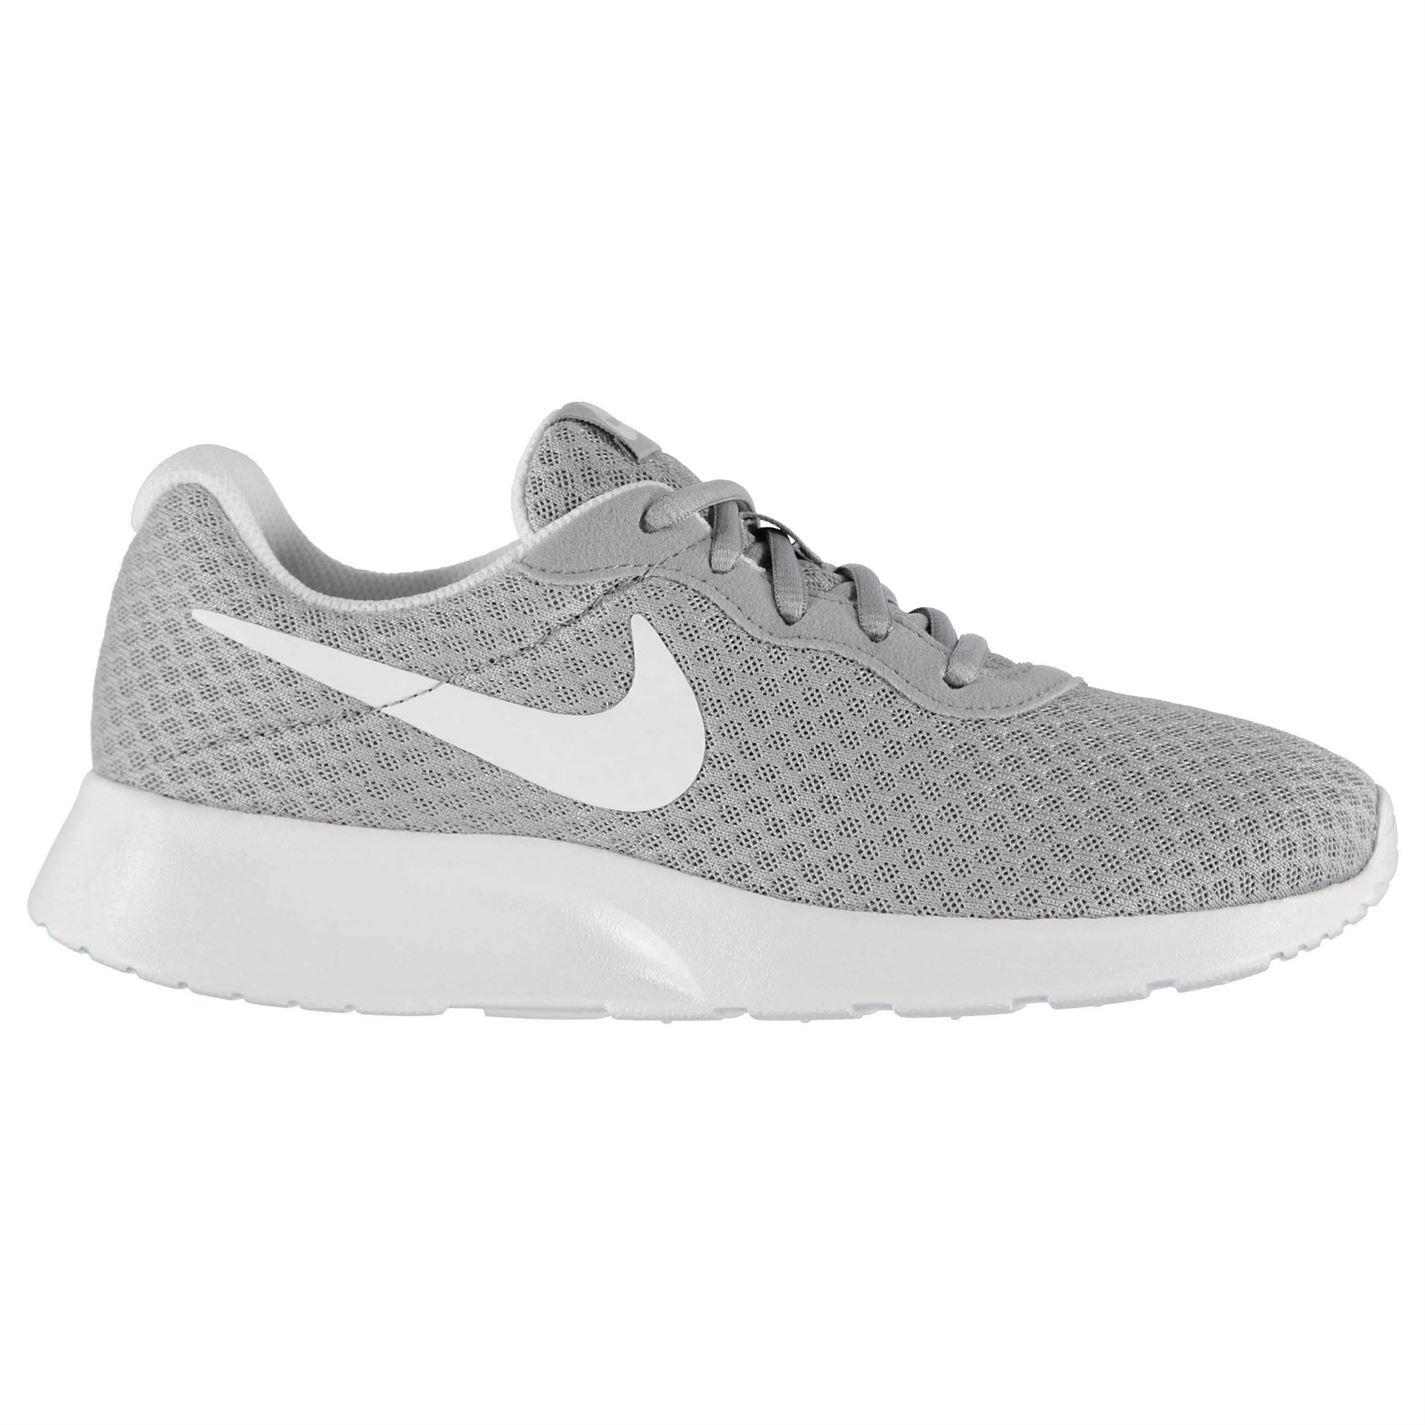 boty Nike Tanjun dámské Grey White - Glami.sk 21d1ca2ec0